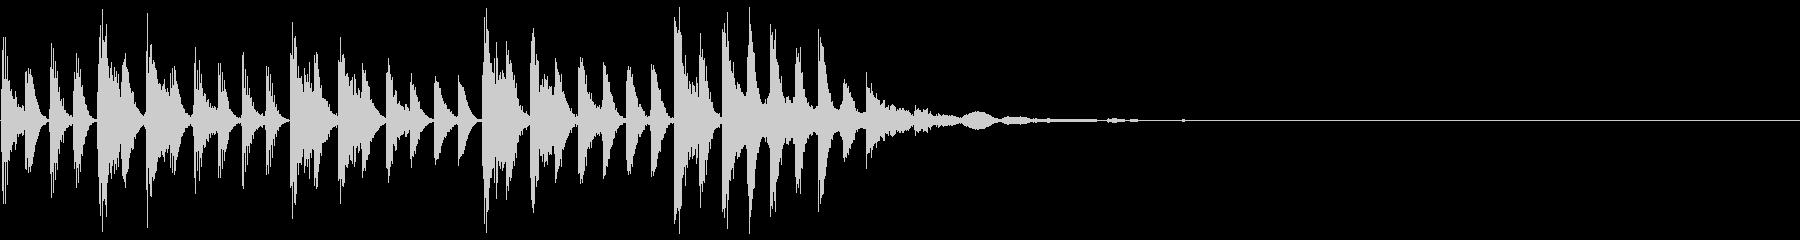 ズンタタズンタタ…ピーン(アイキャッチ)の未再生の波形